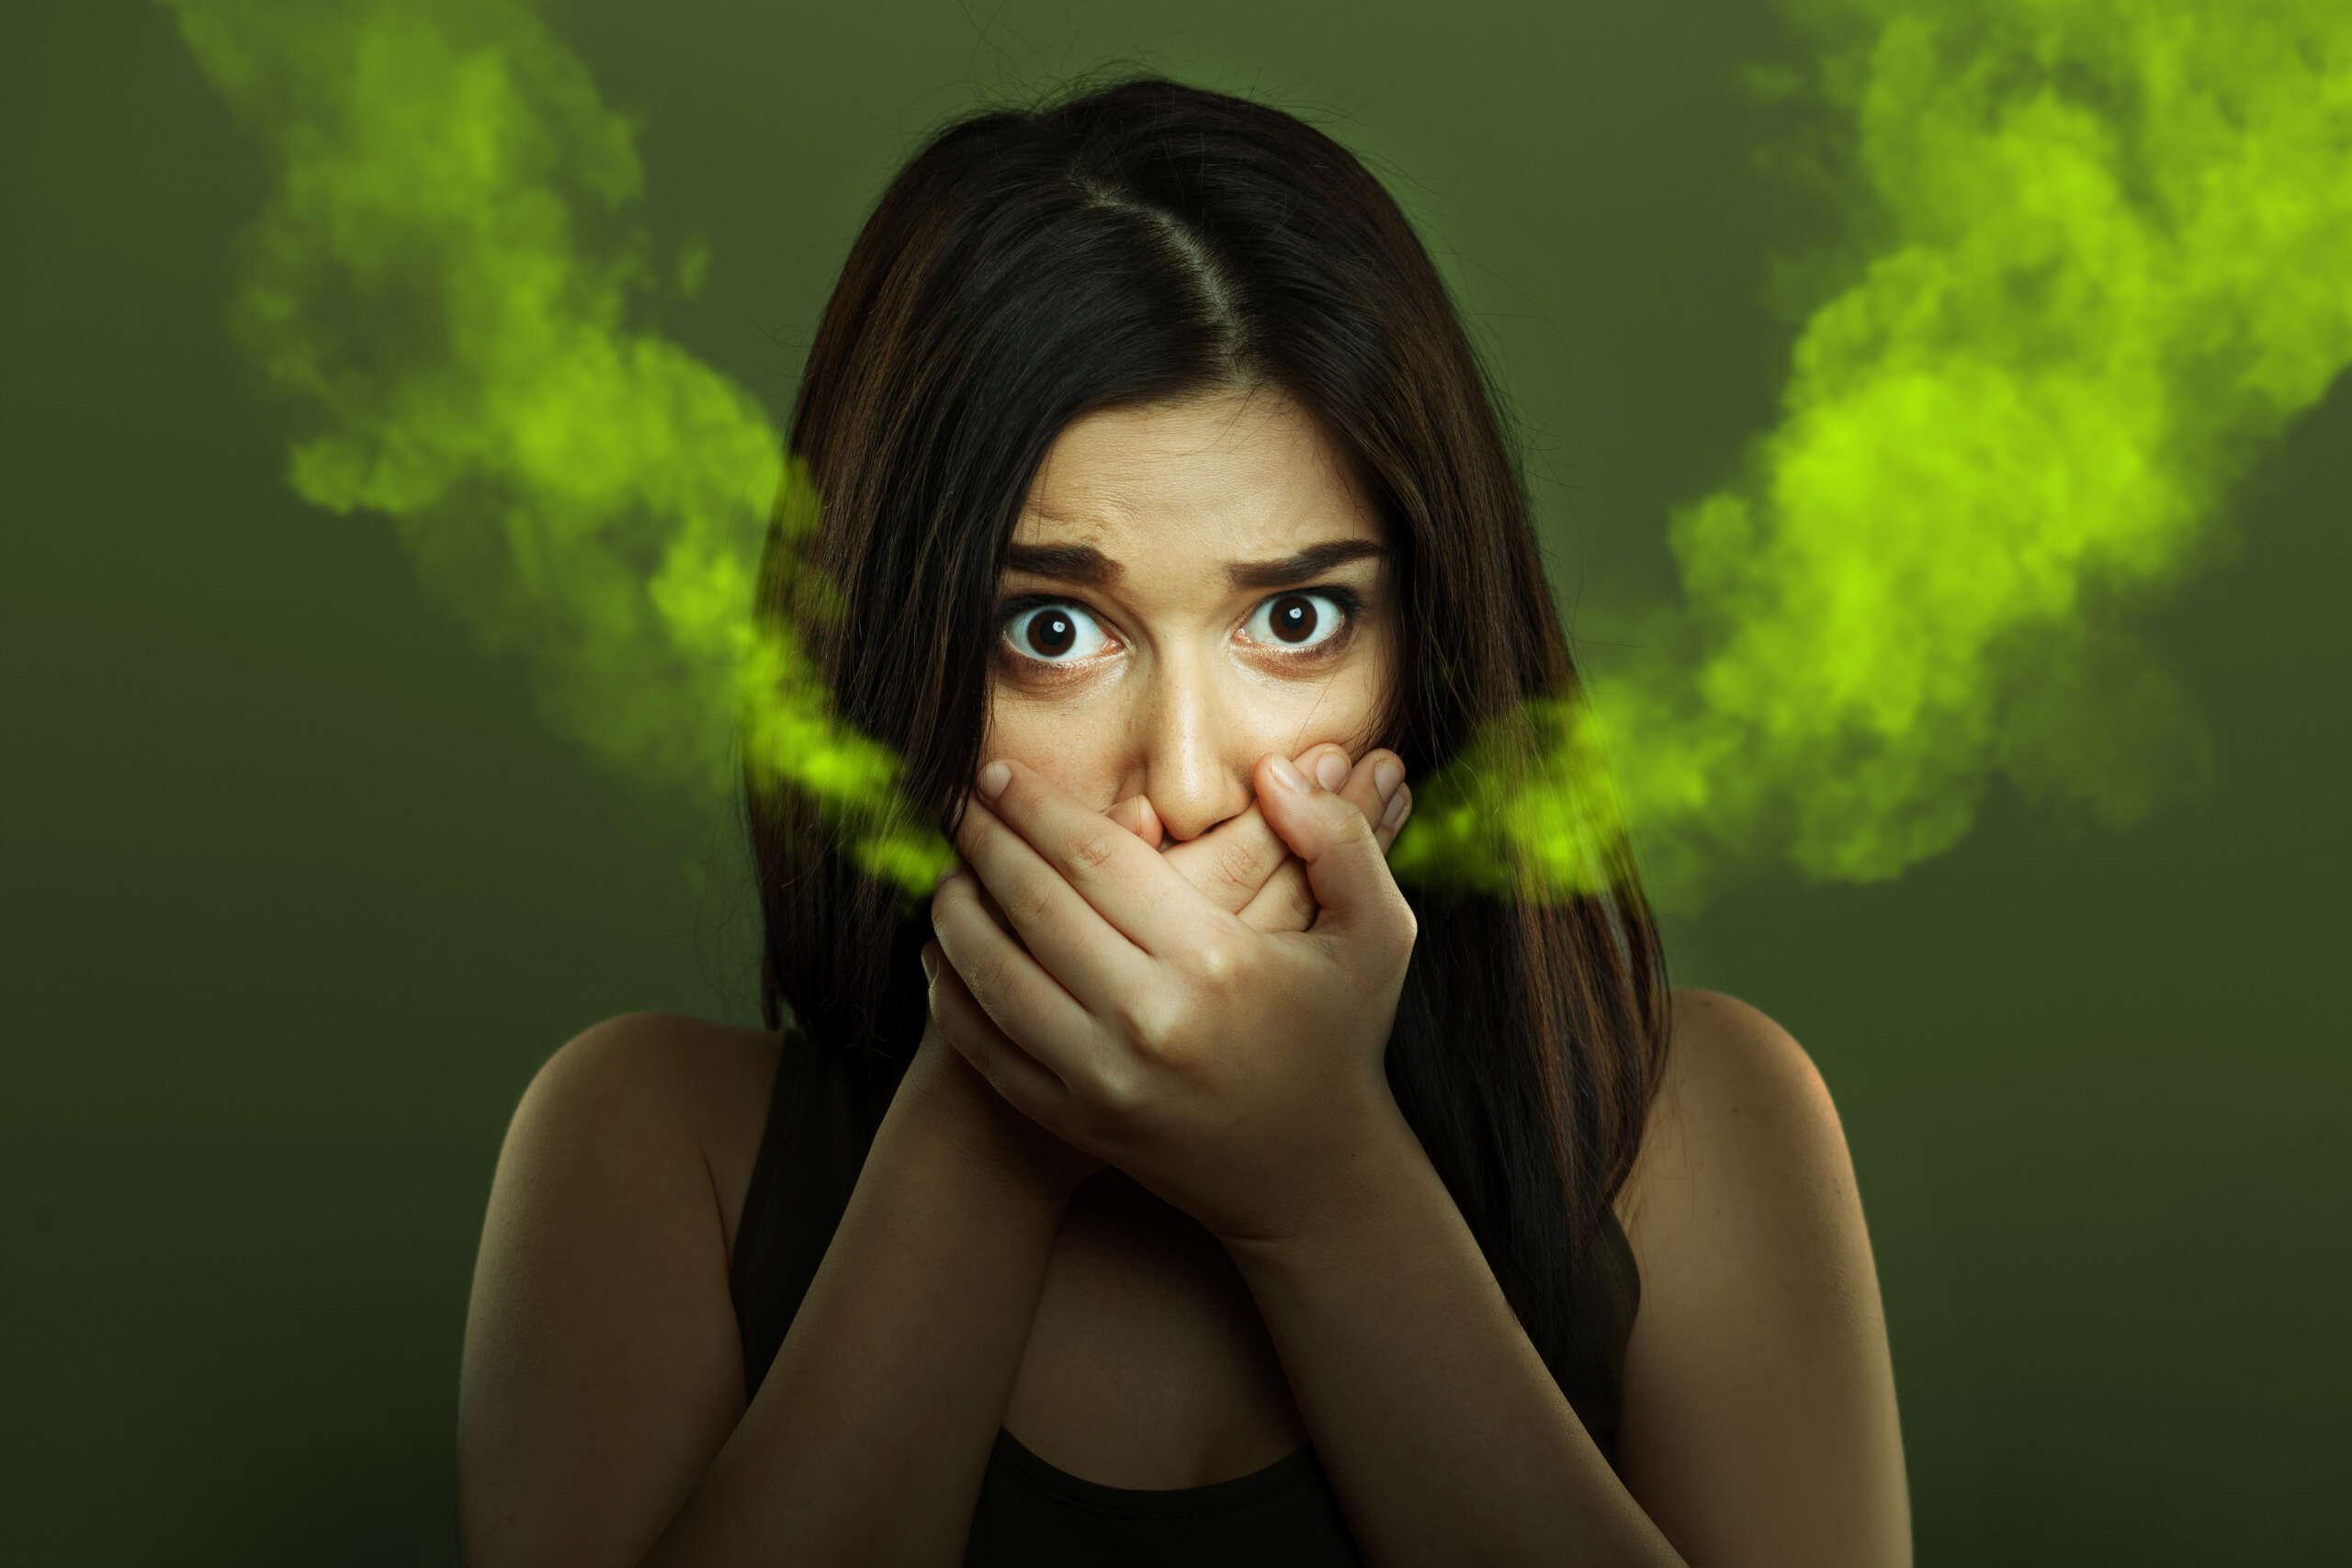 Zápach z úst: Čo ho spôsobuje a ako ho odstrániť?